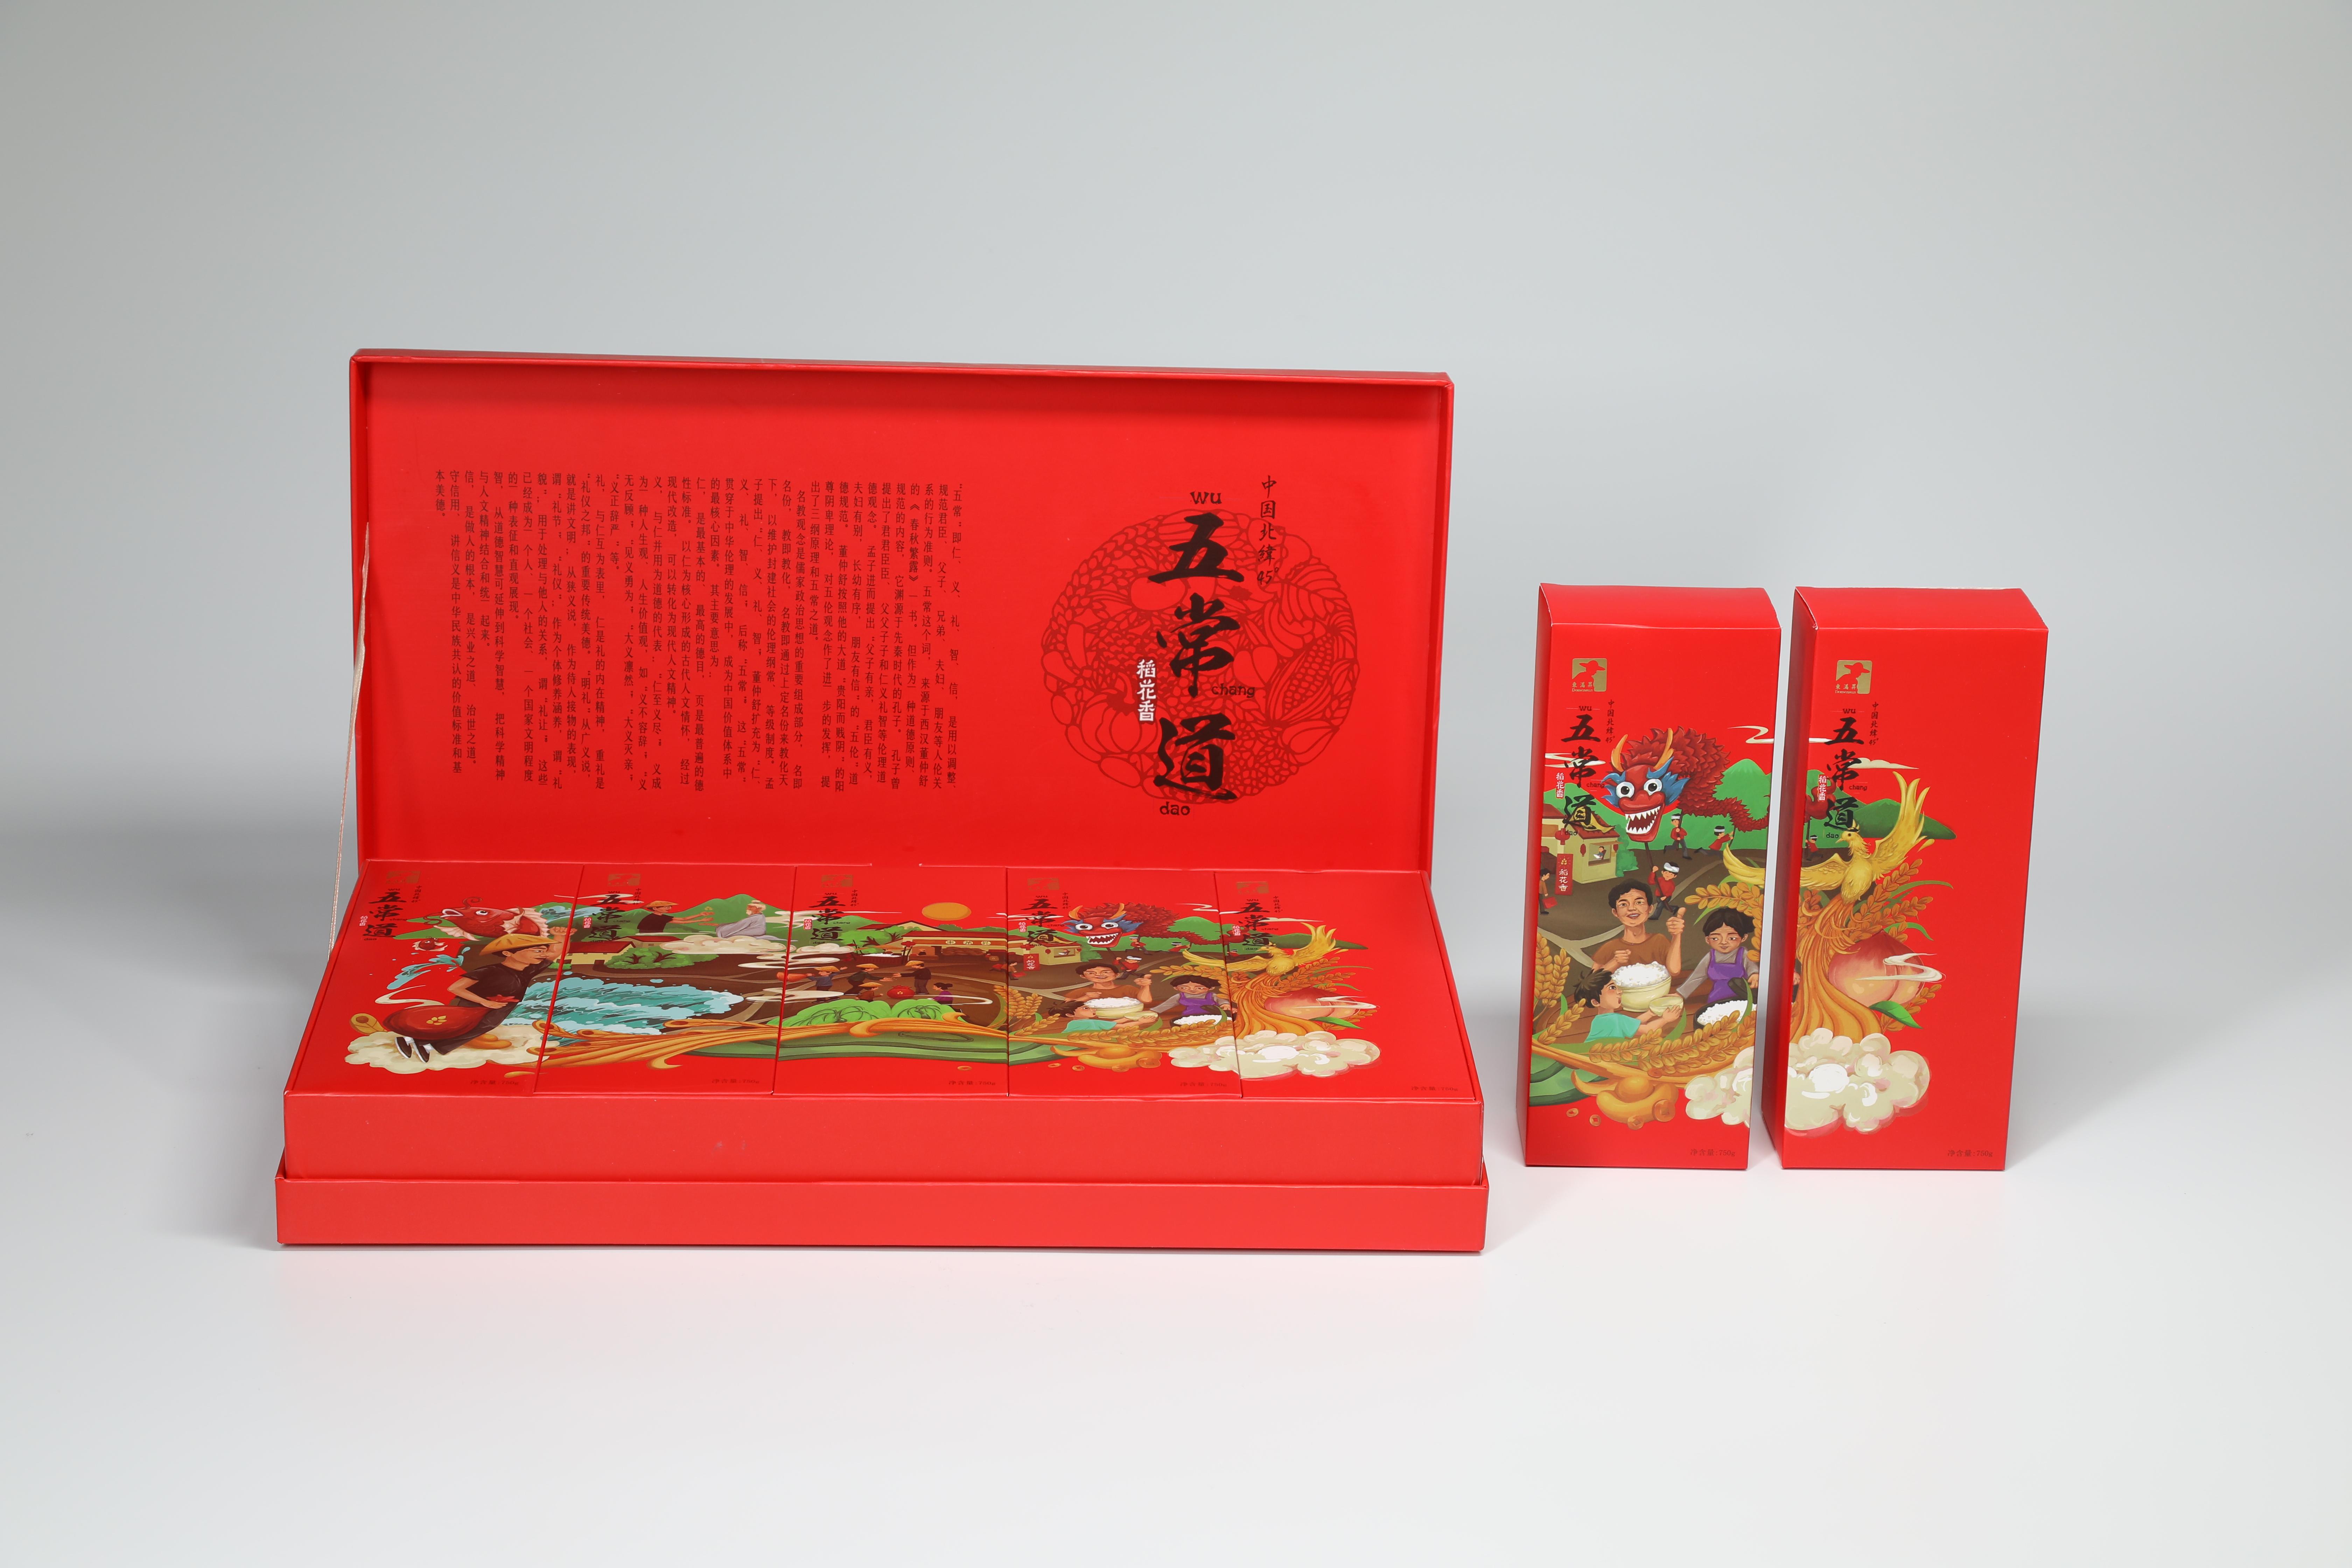 東满昇五常大米高级礼盒装,限时折扣(仅限前50名)